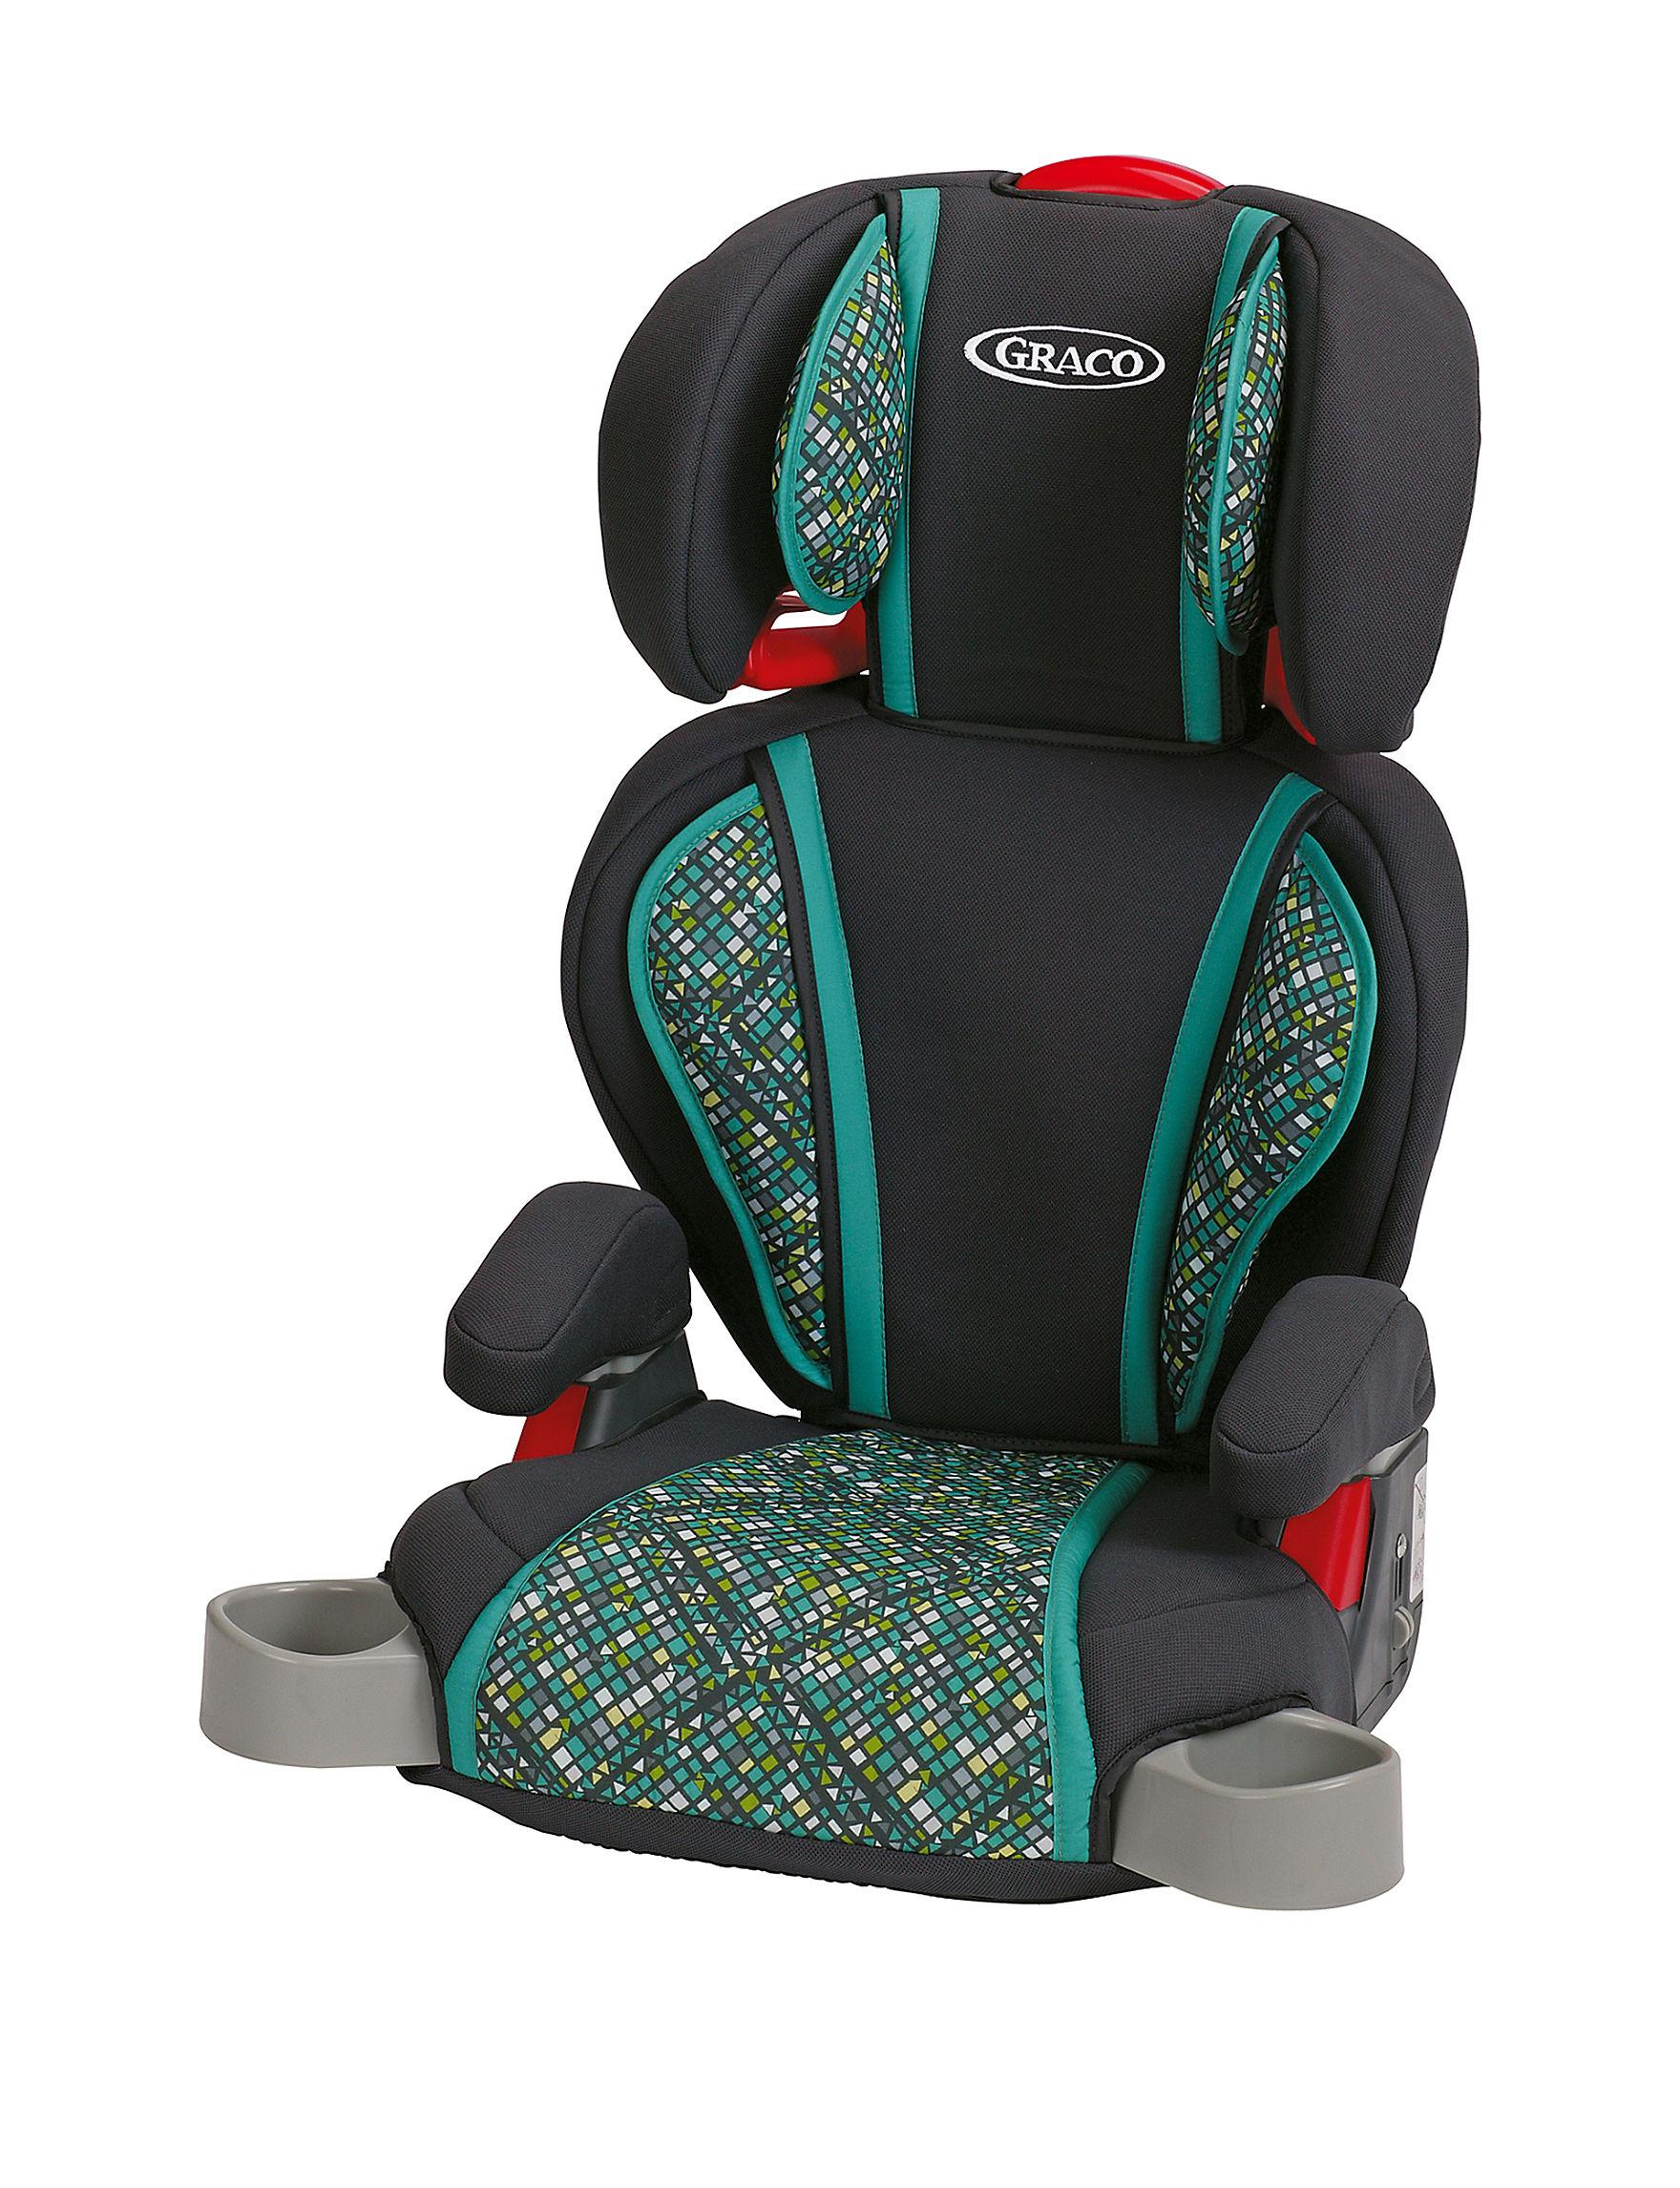 Graco Black Car Seats